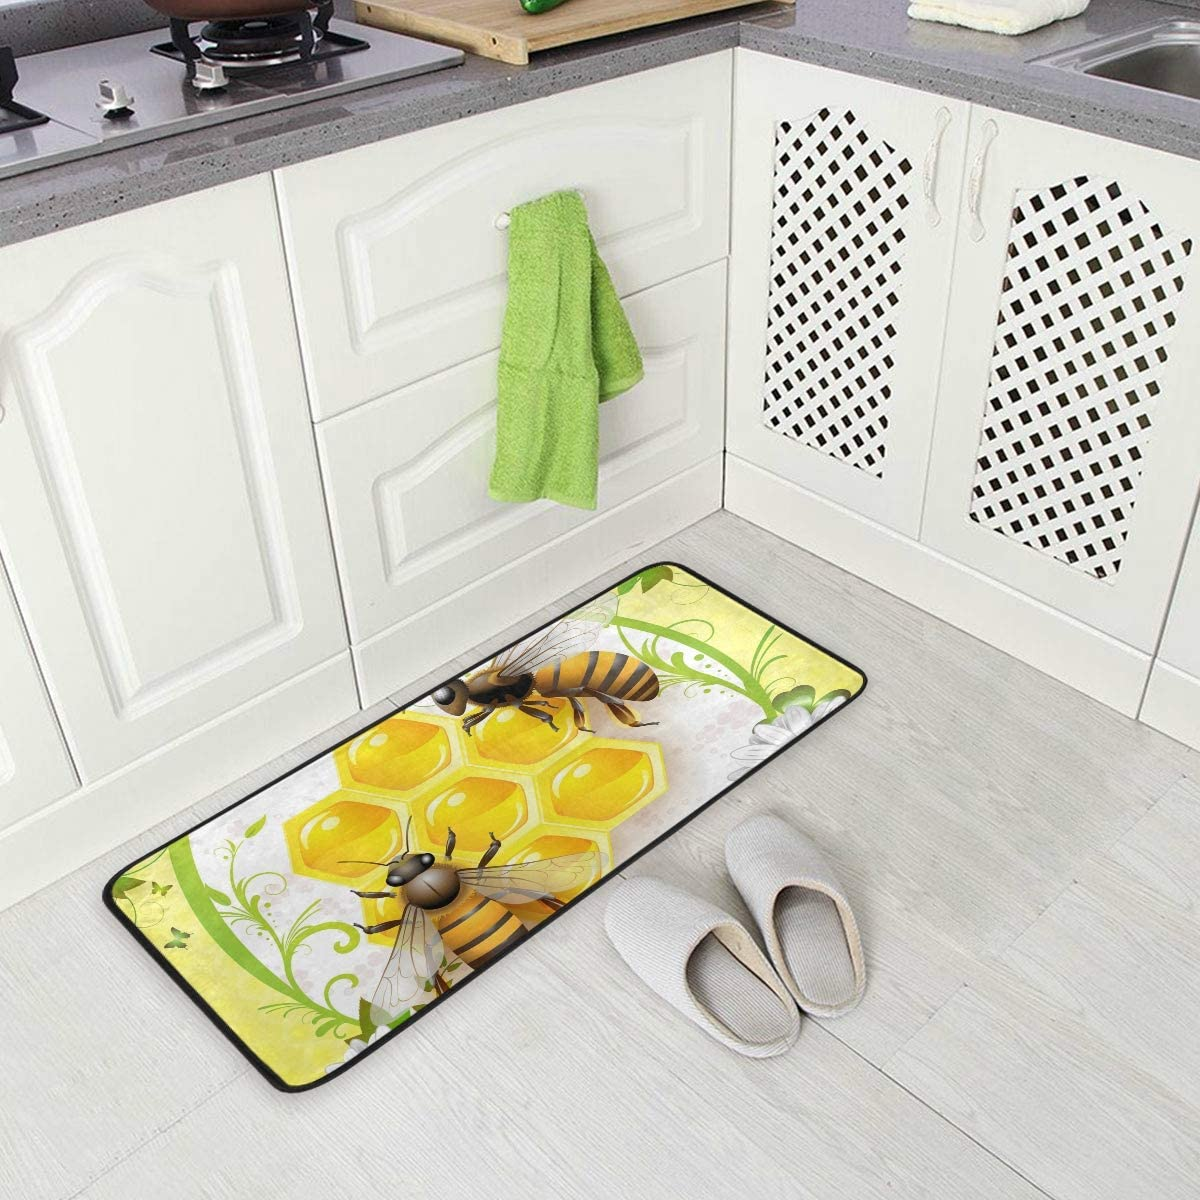 Honey Bee Kitchen Floor Mat, Non-Slip Comfort Office Standing Cushioned Rug Home Decor Indoor Outdoor, 39